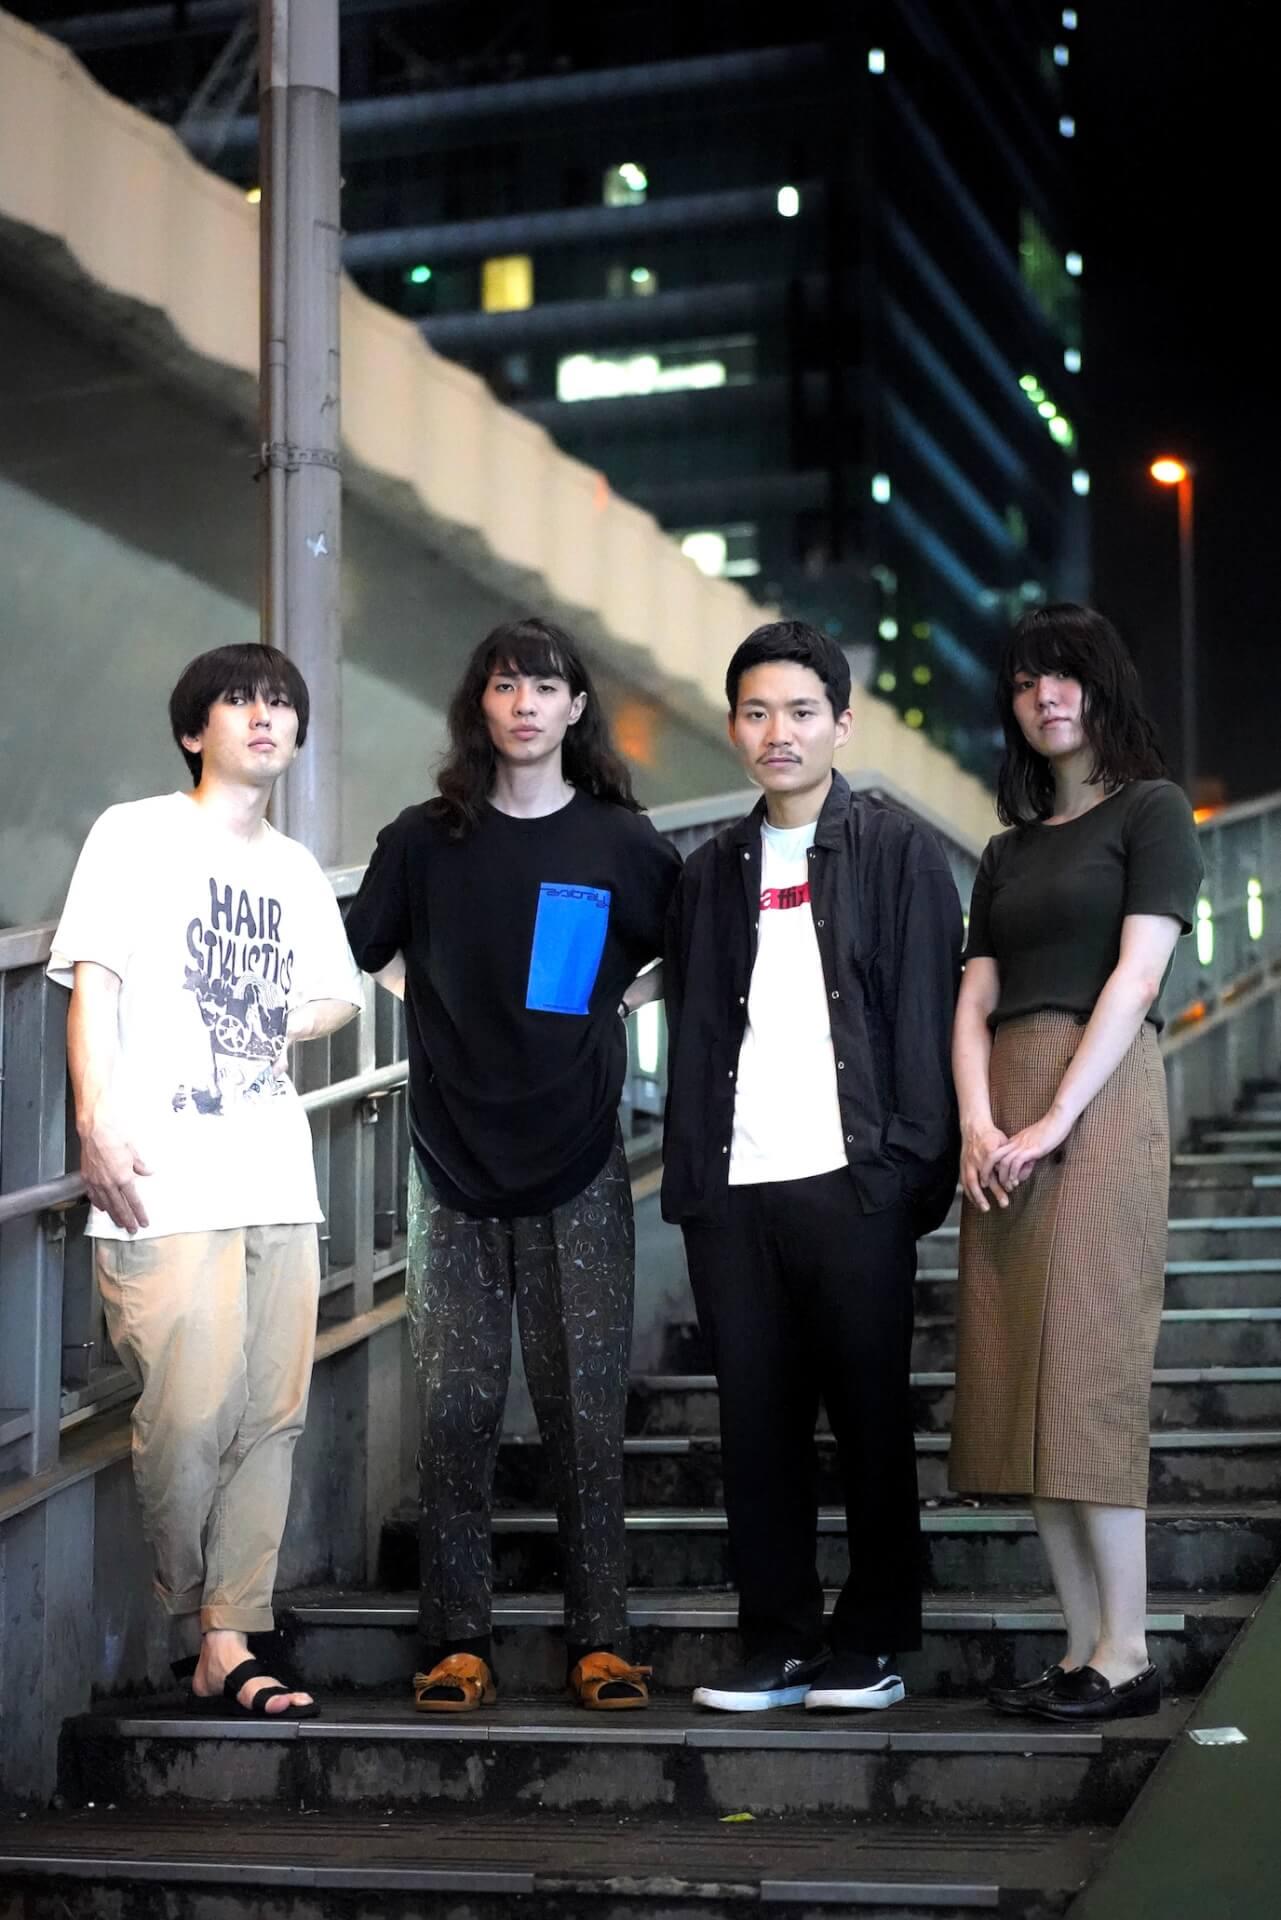 インタビュー|自分の感情から社会へ、Group2が新作『Group2Ⅱ』で表現した新たな情景 interview0924_group2_03